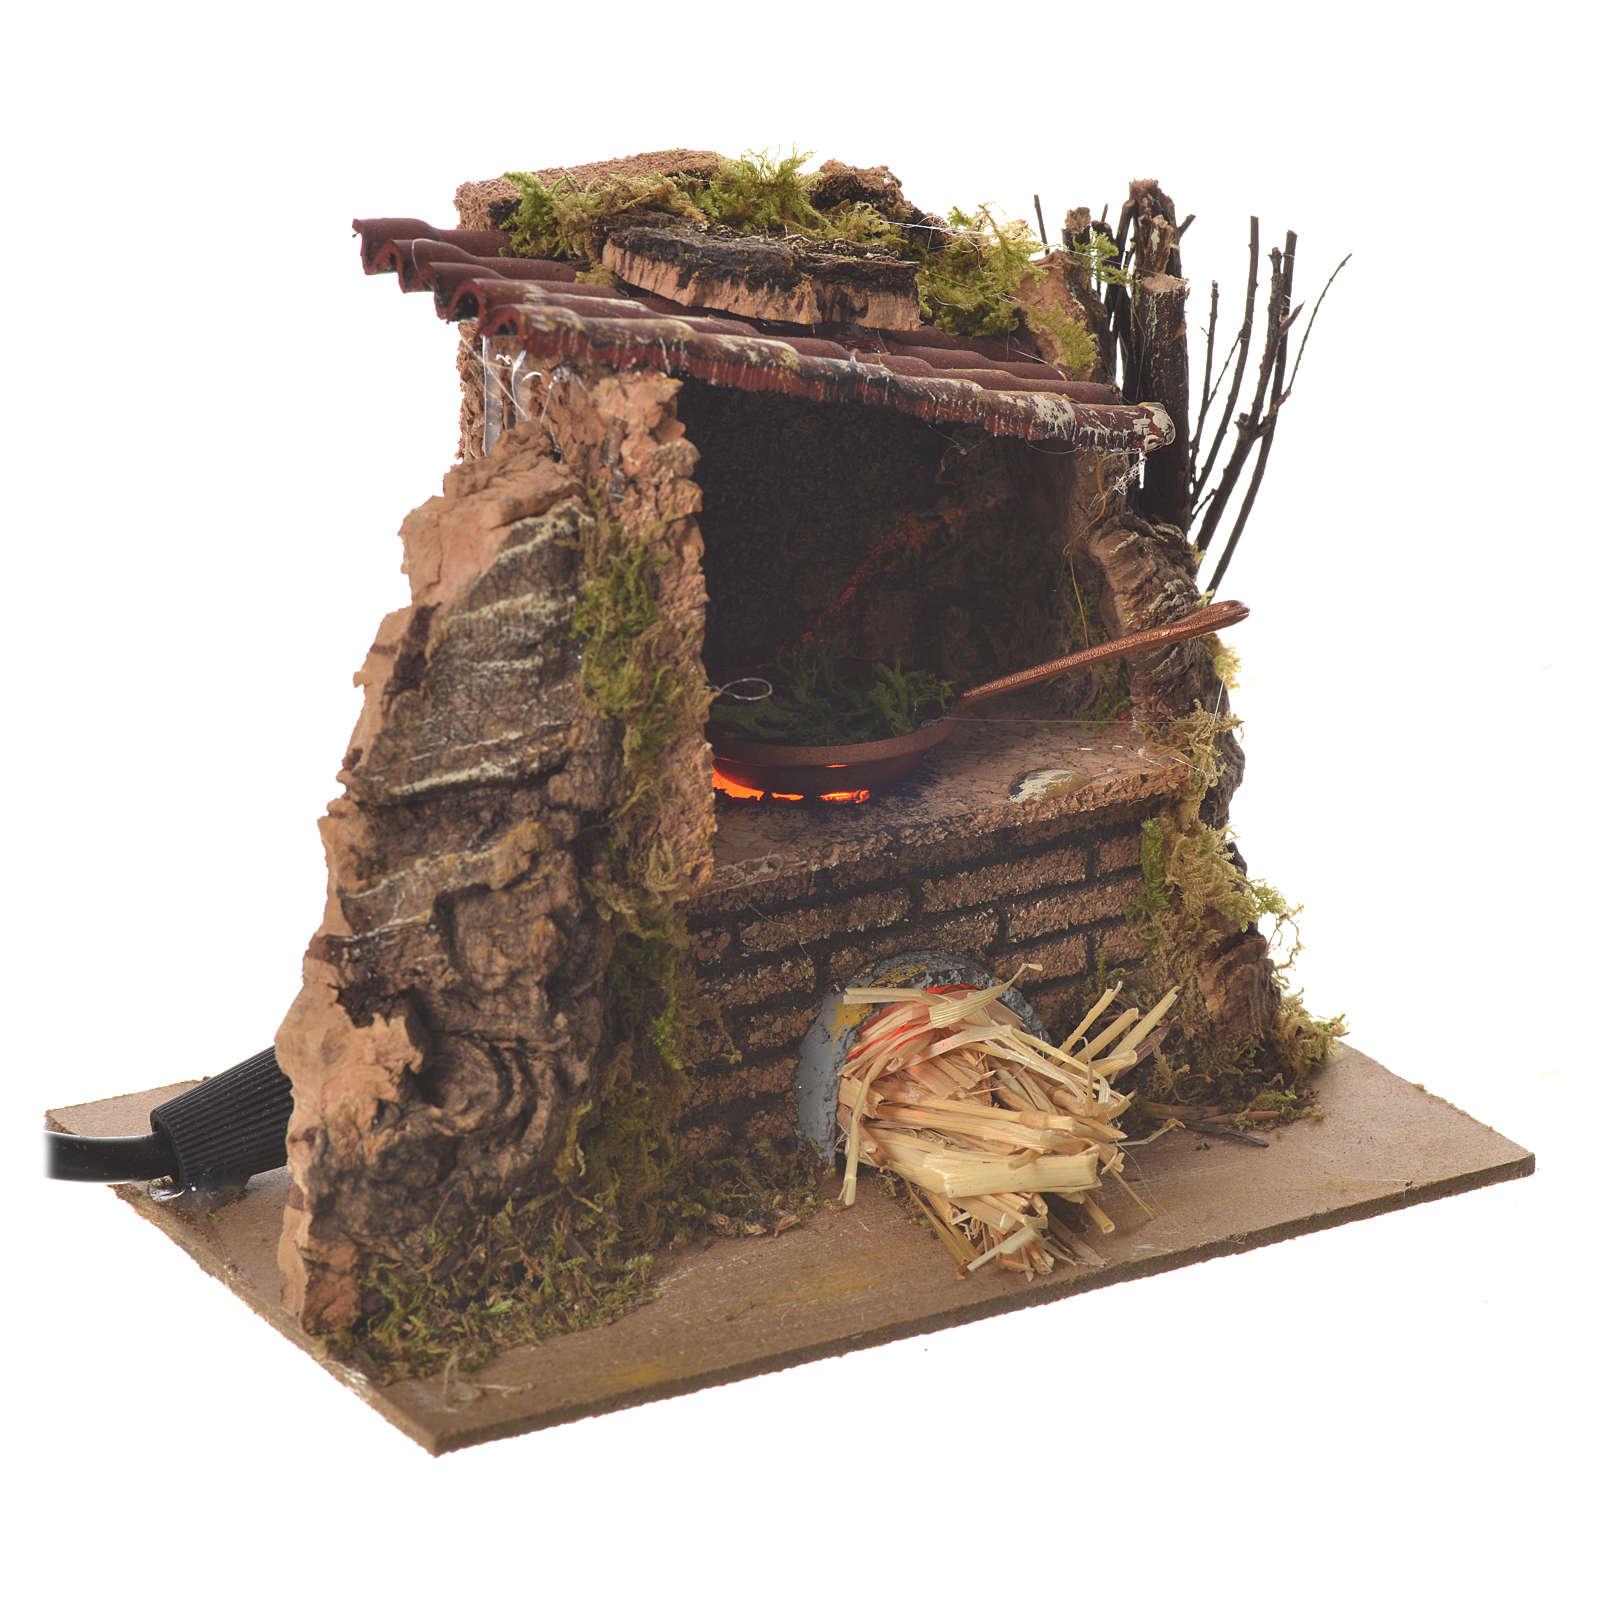 Küche mit Topf auf Feuer und flackernde Licht 12x14x10cm 4